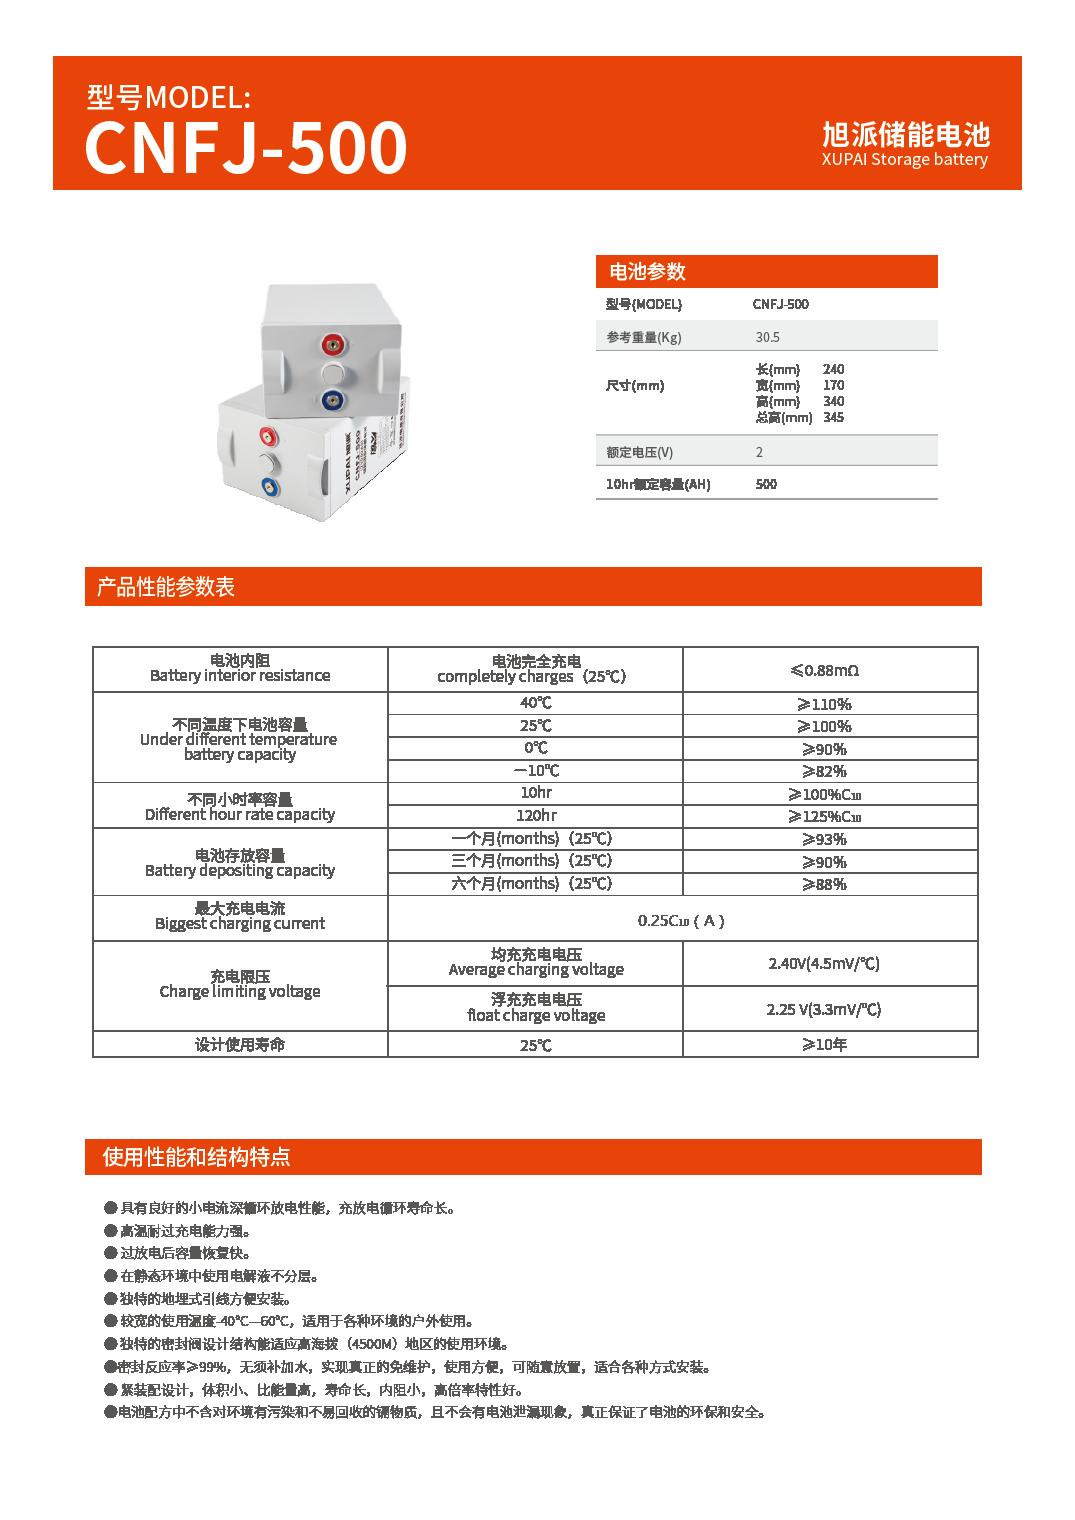 CNFJ-500-01.png